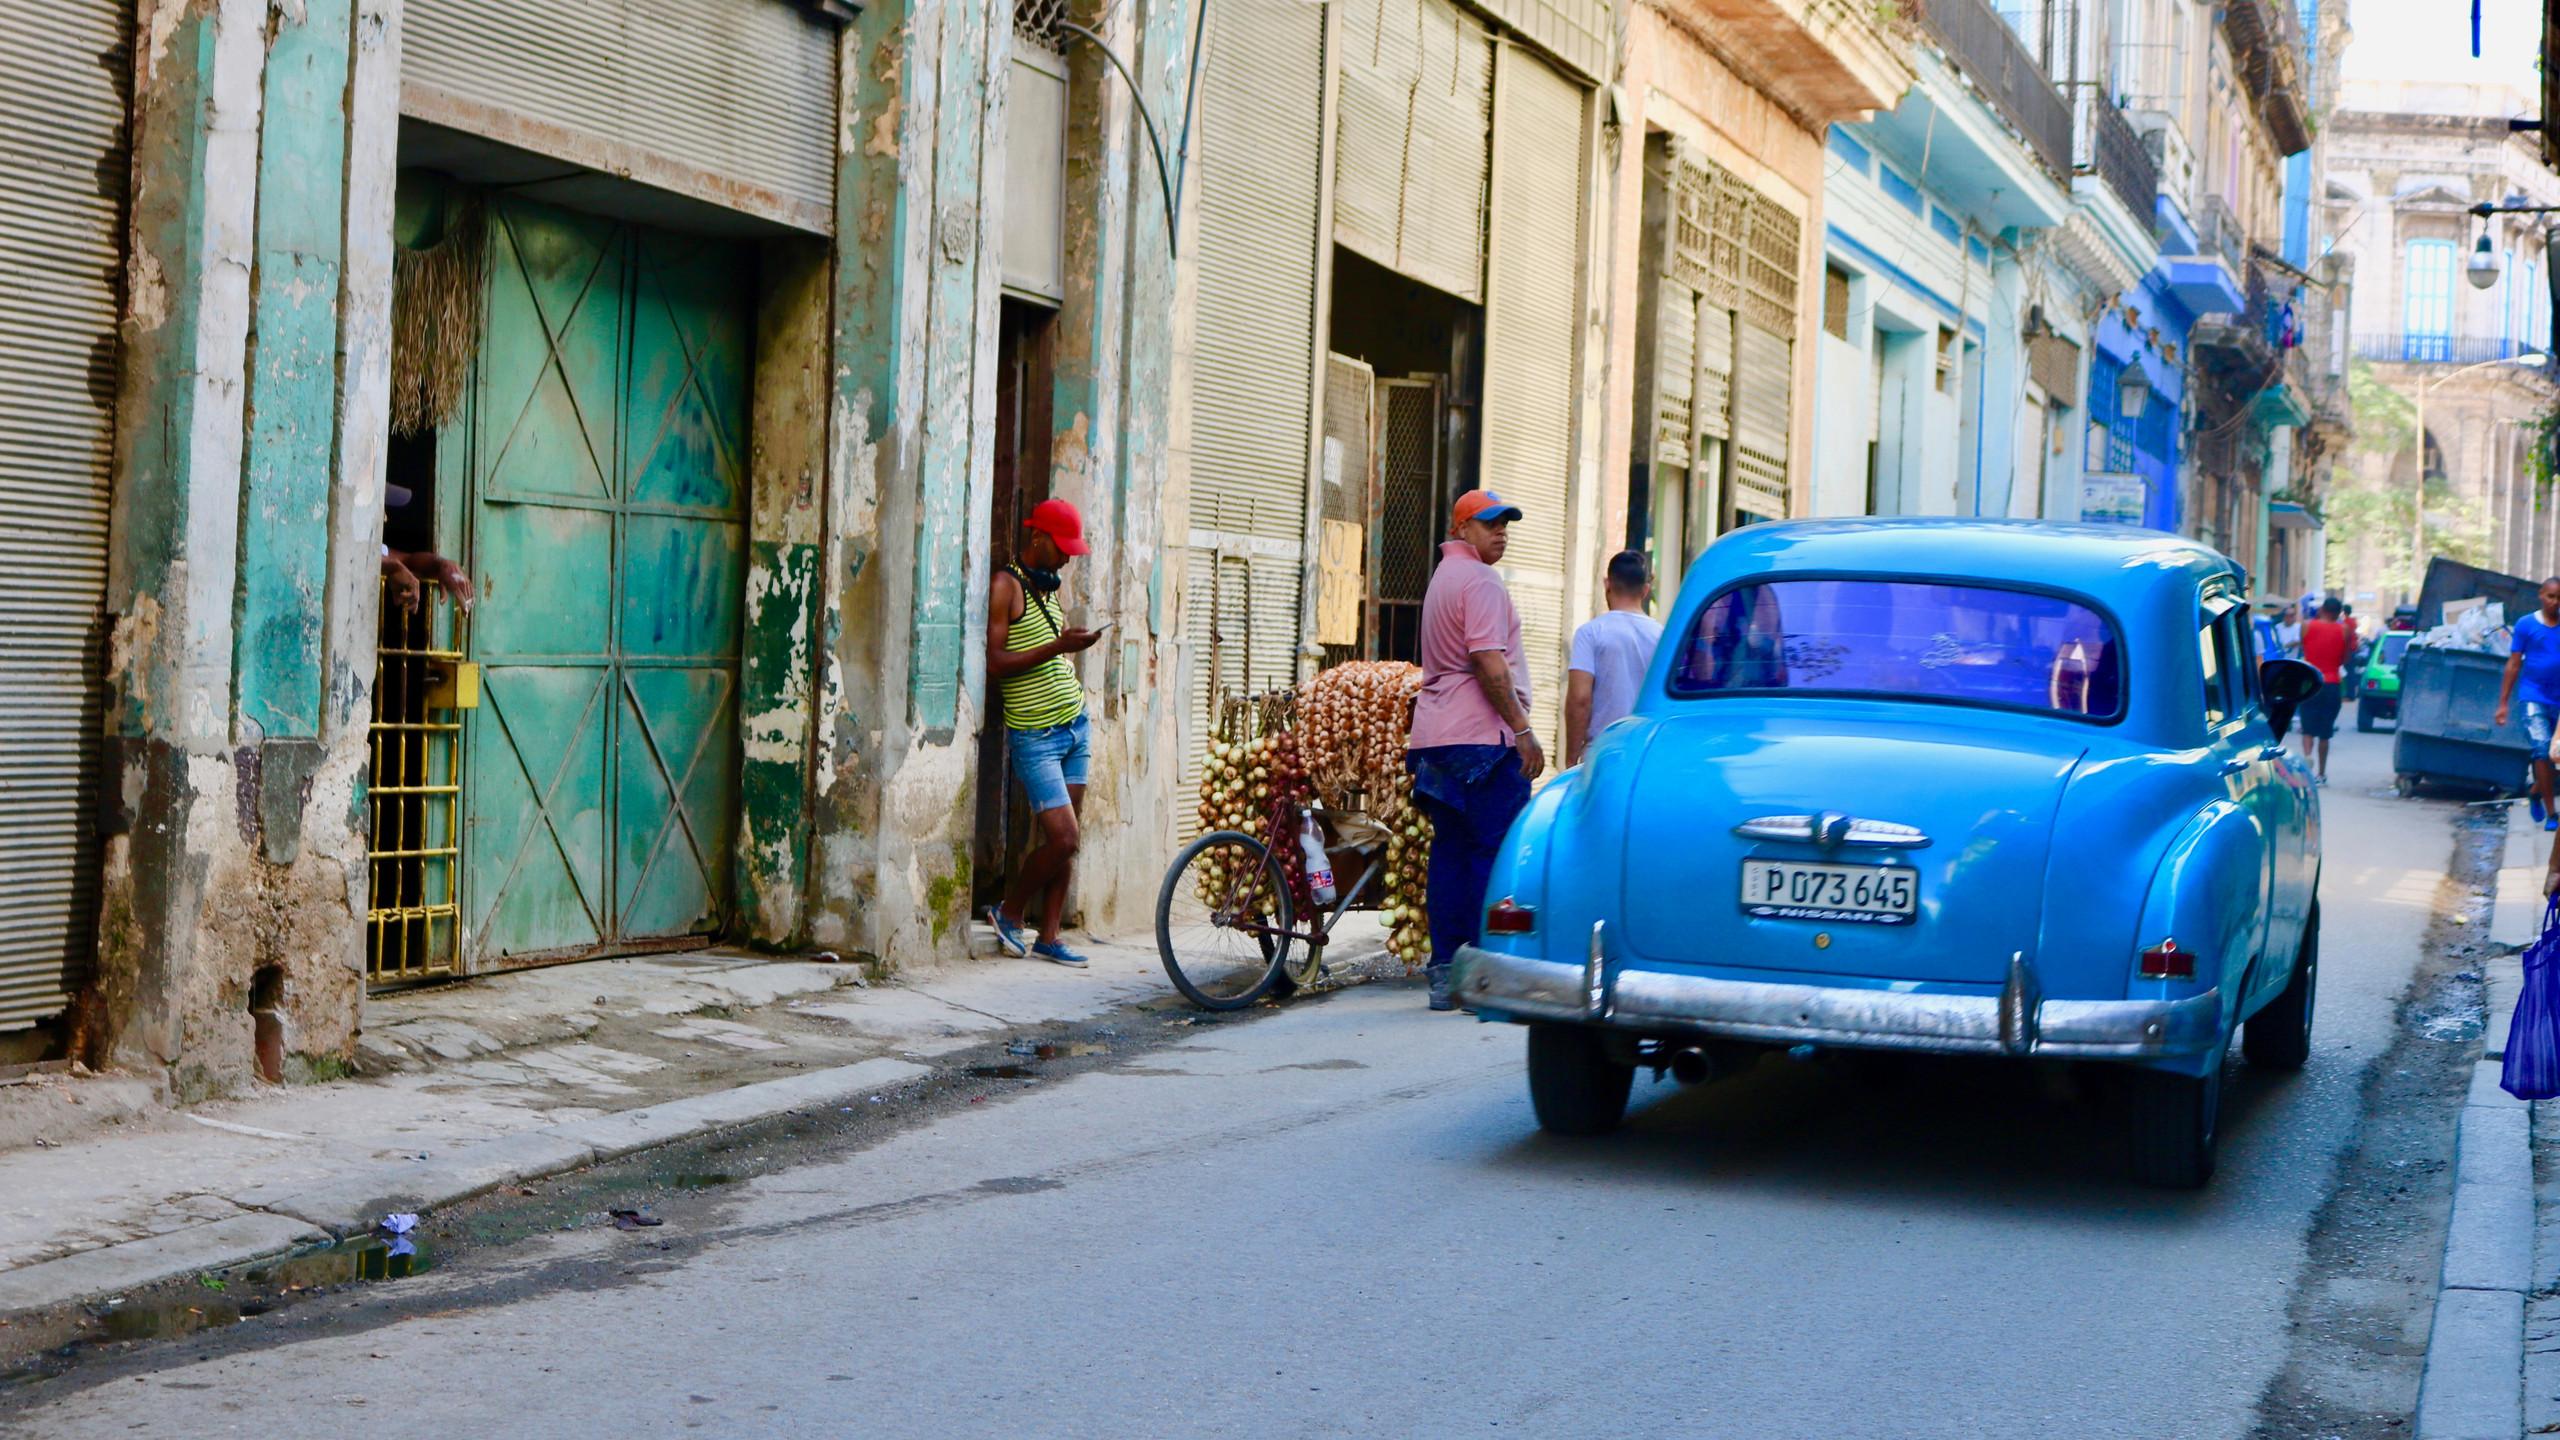 1950s blue car on a narrow street in Old Havana.